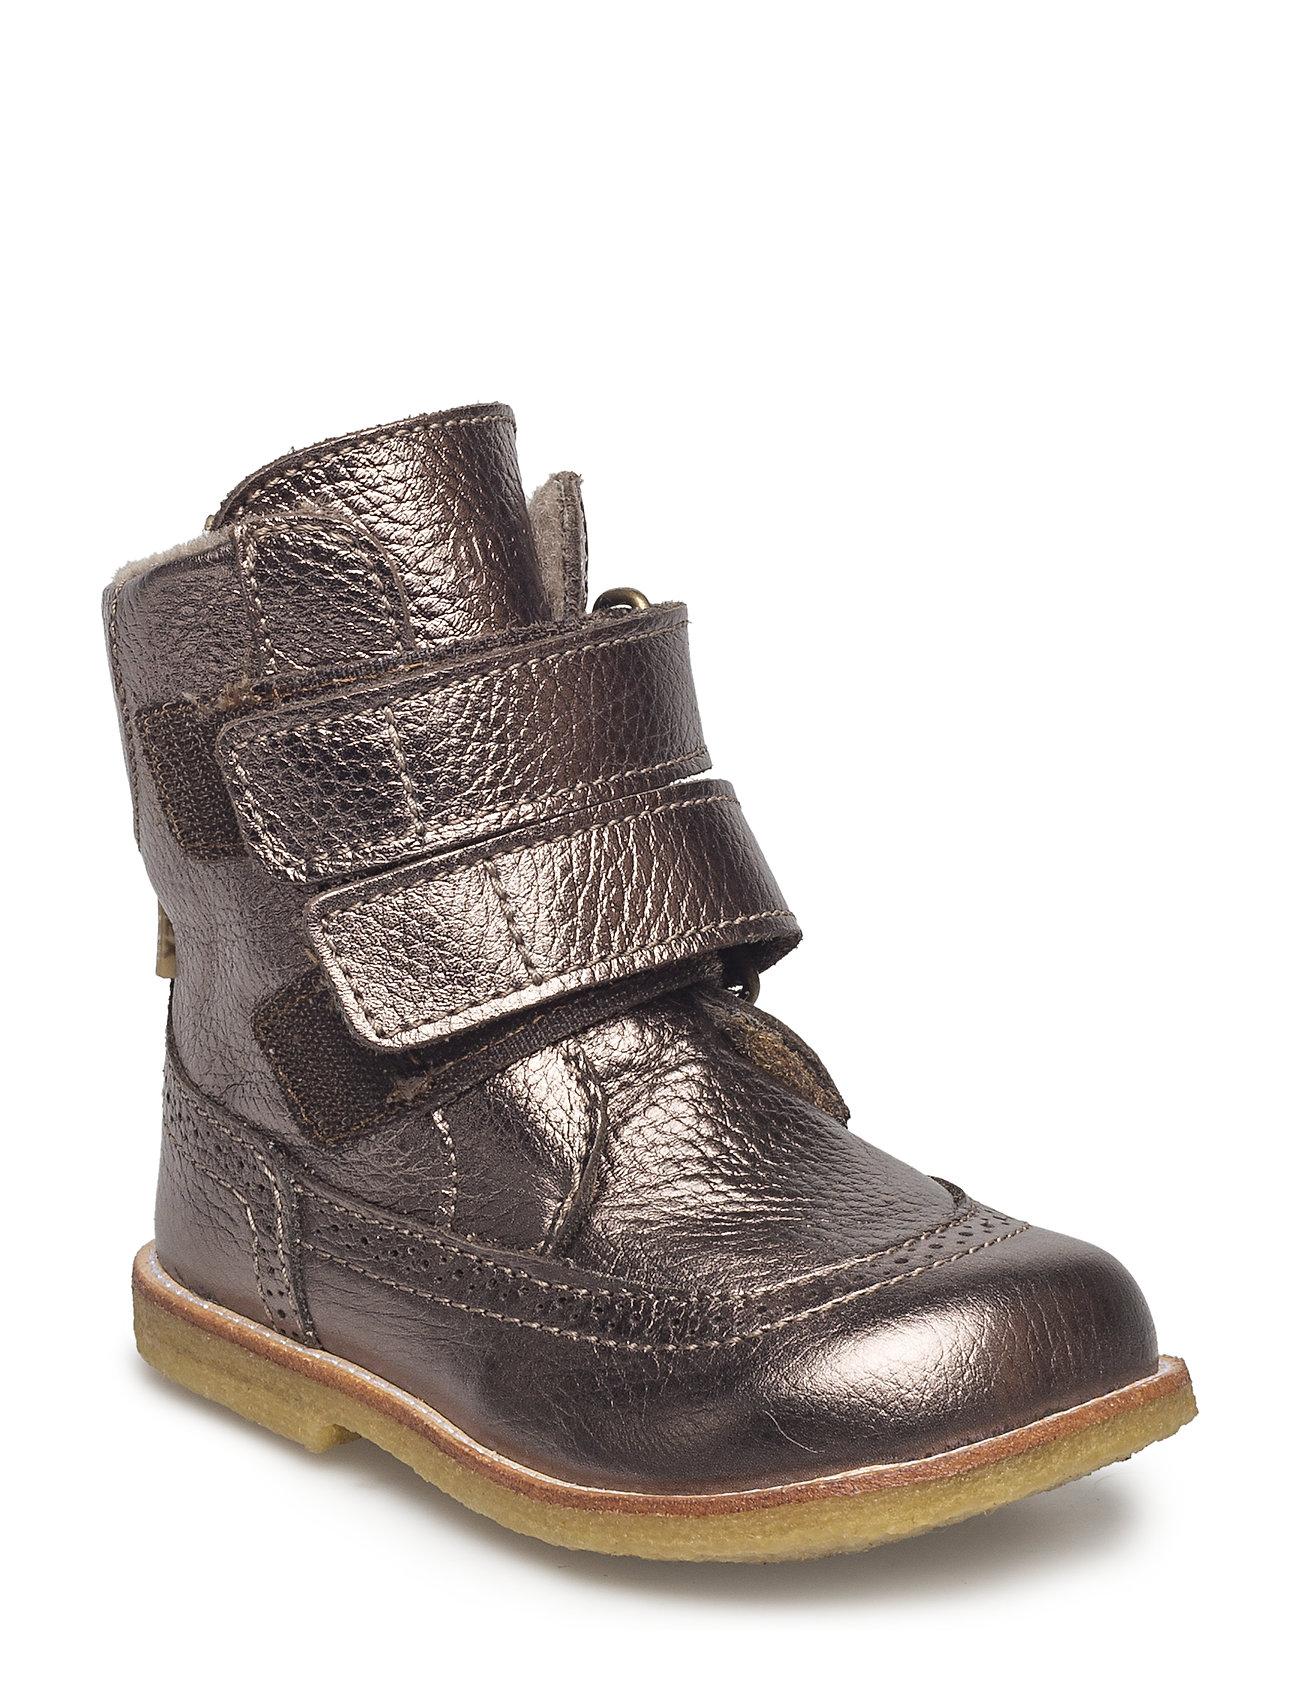 5cb49a41e3f Bisgaard støvler – Tex Boot til børn i Blå - Pashion.dk